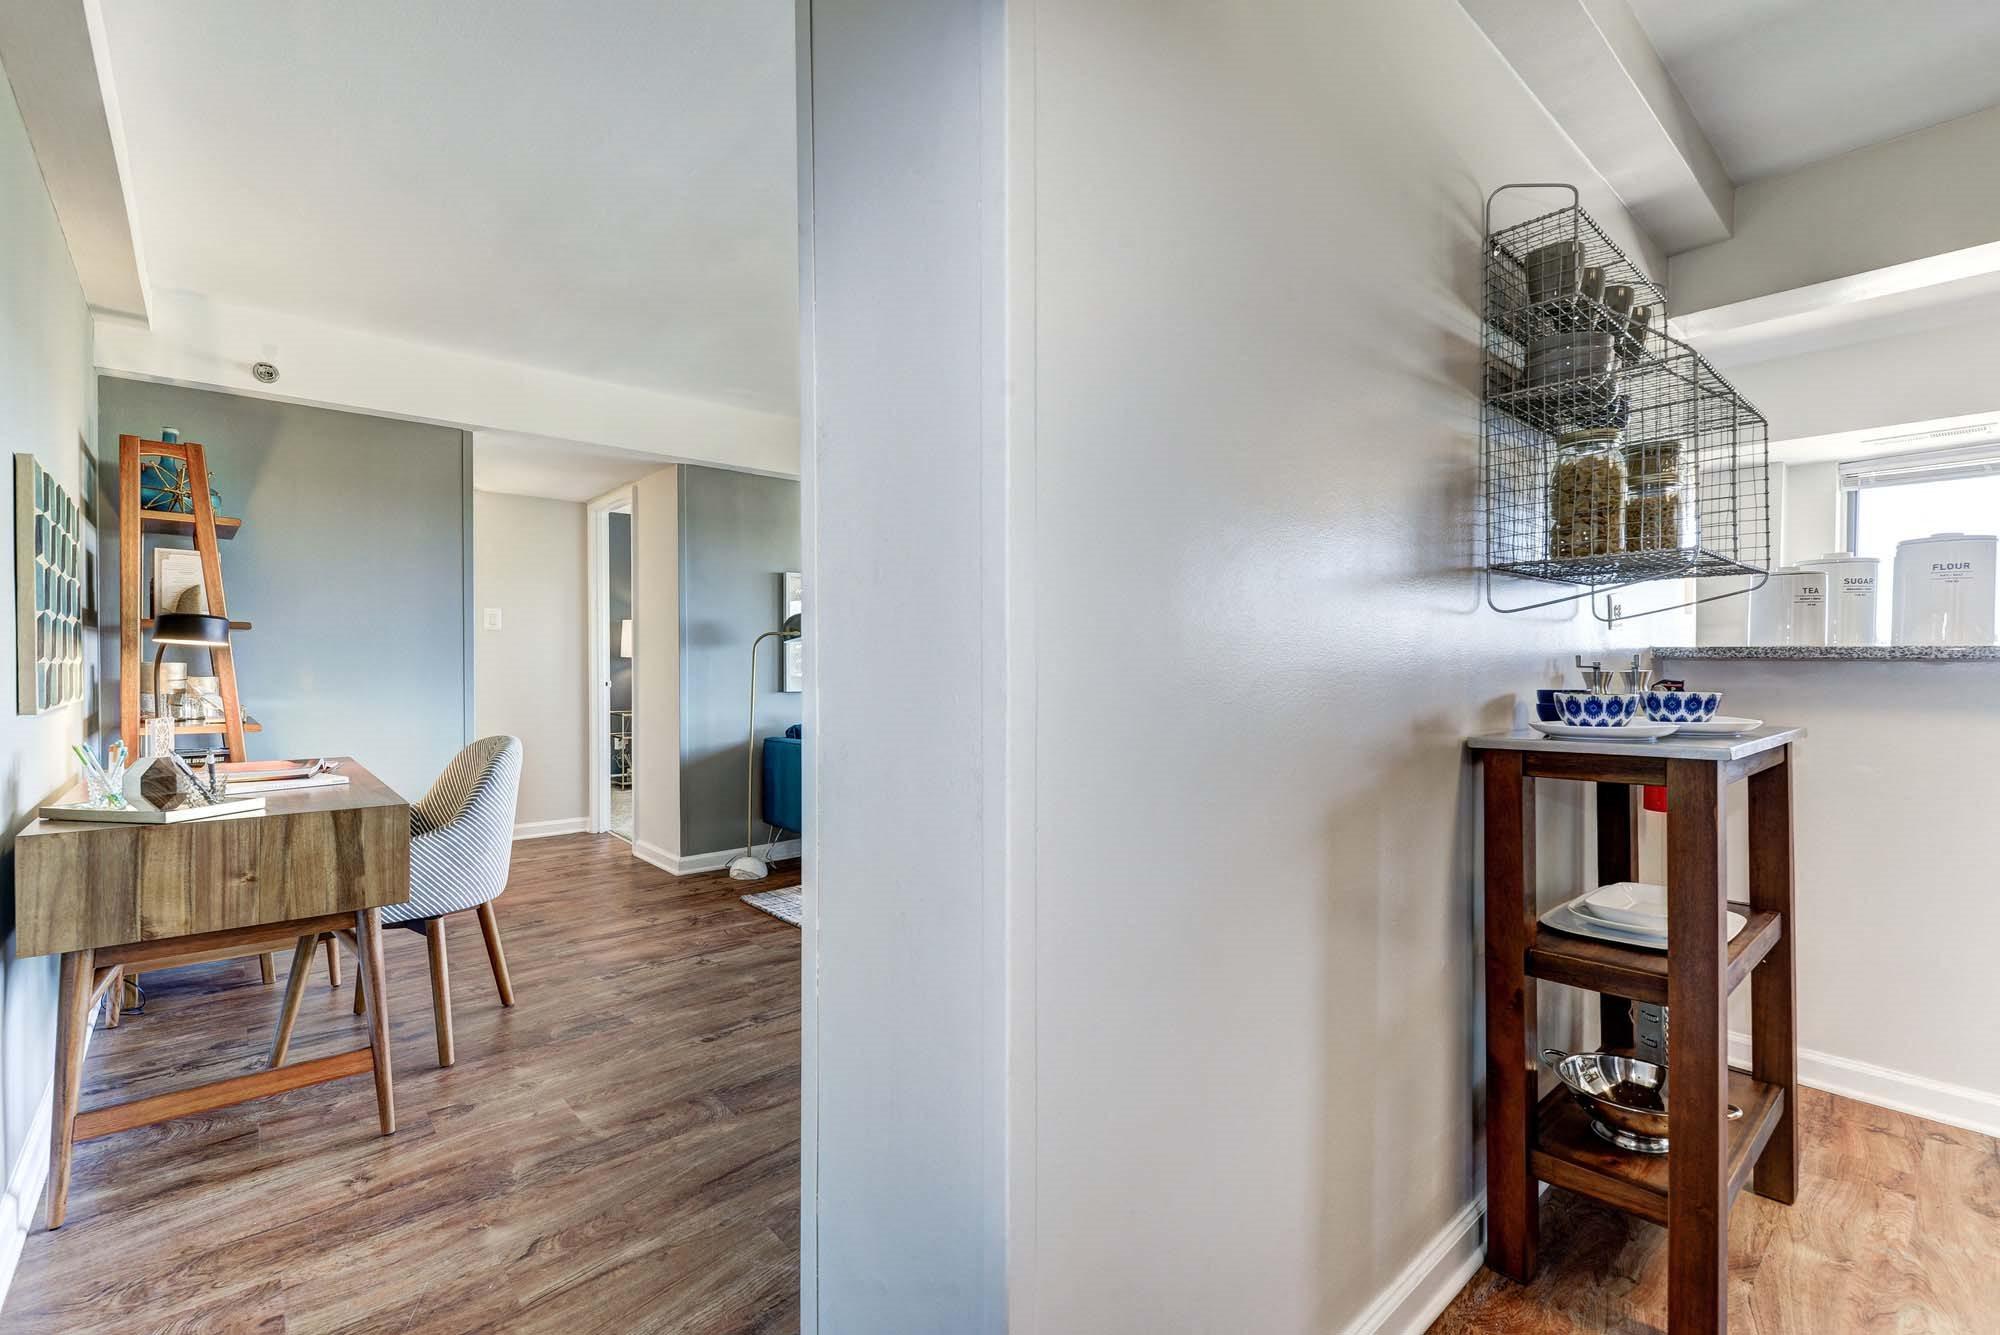 Wood Floor Living Spaces at The Mark Apartments, Alexandria, VA, 22304